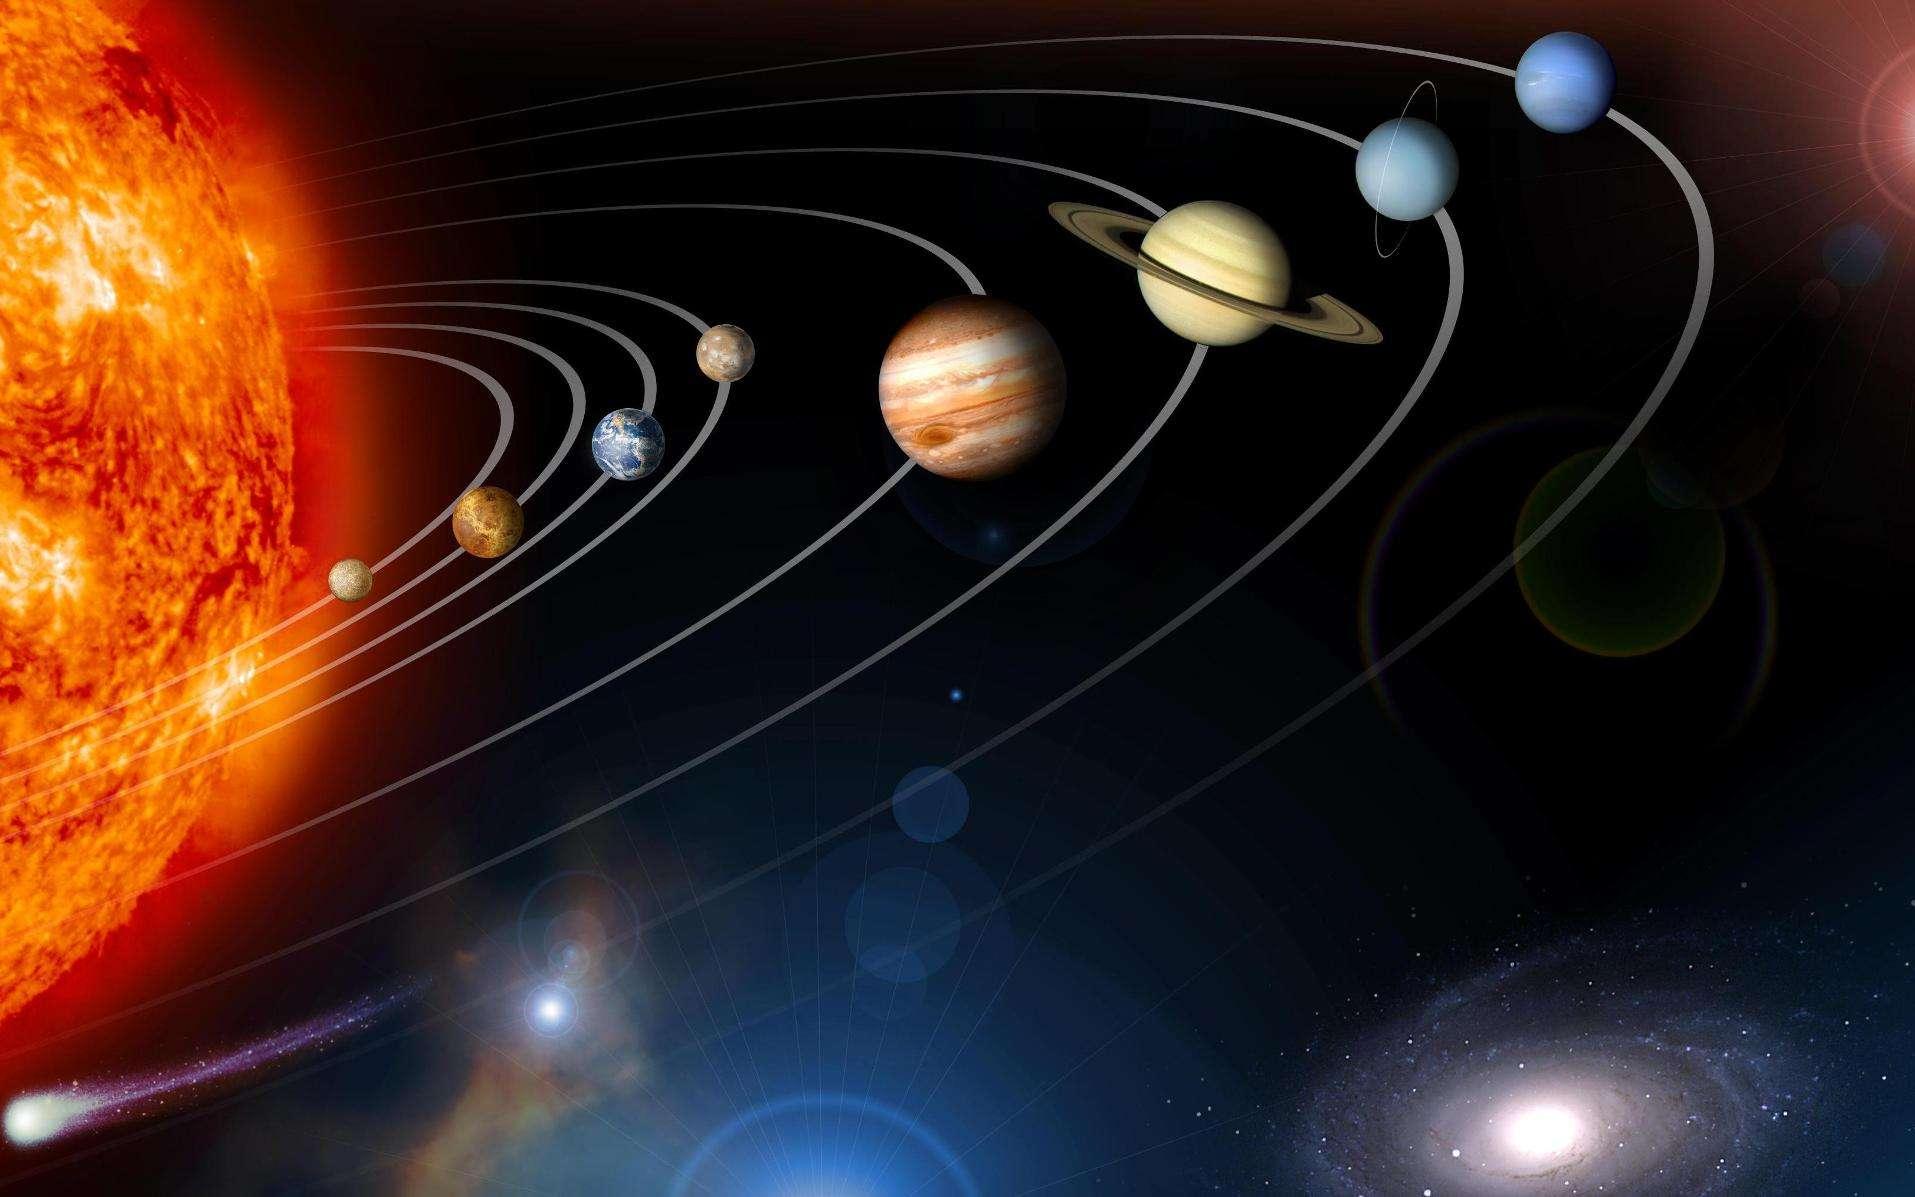 Une vue d'artiste du Système solaire. Les tailles ne sont pas respectées. © Nasa